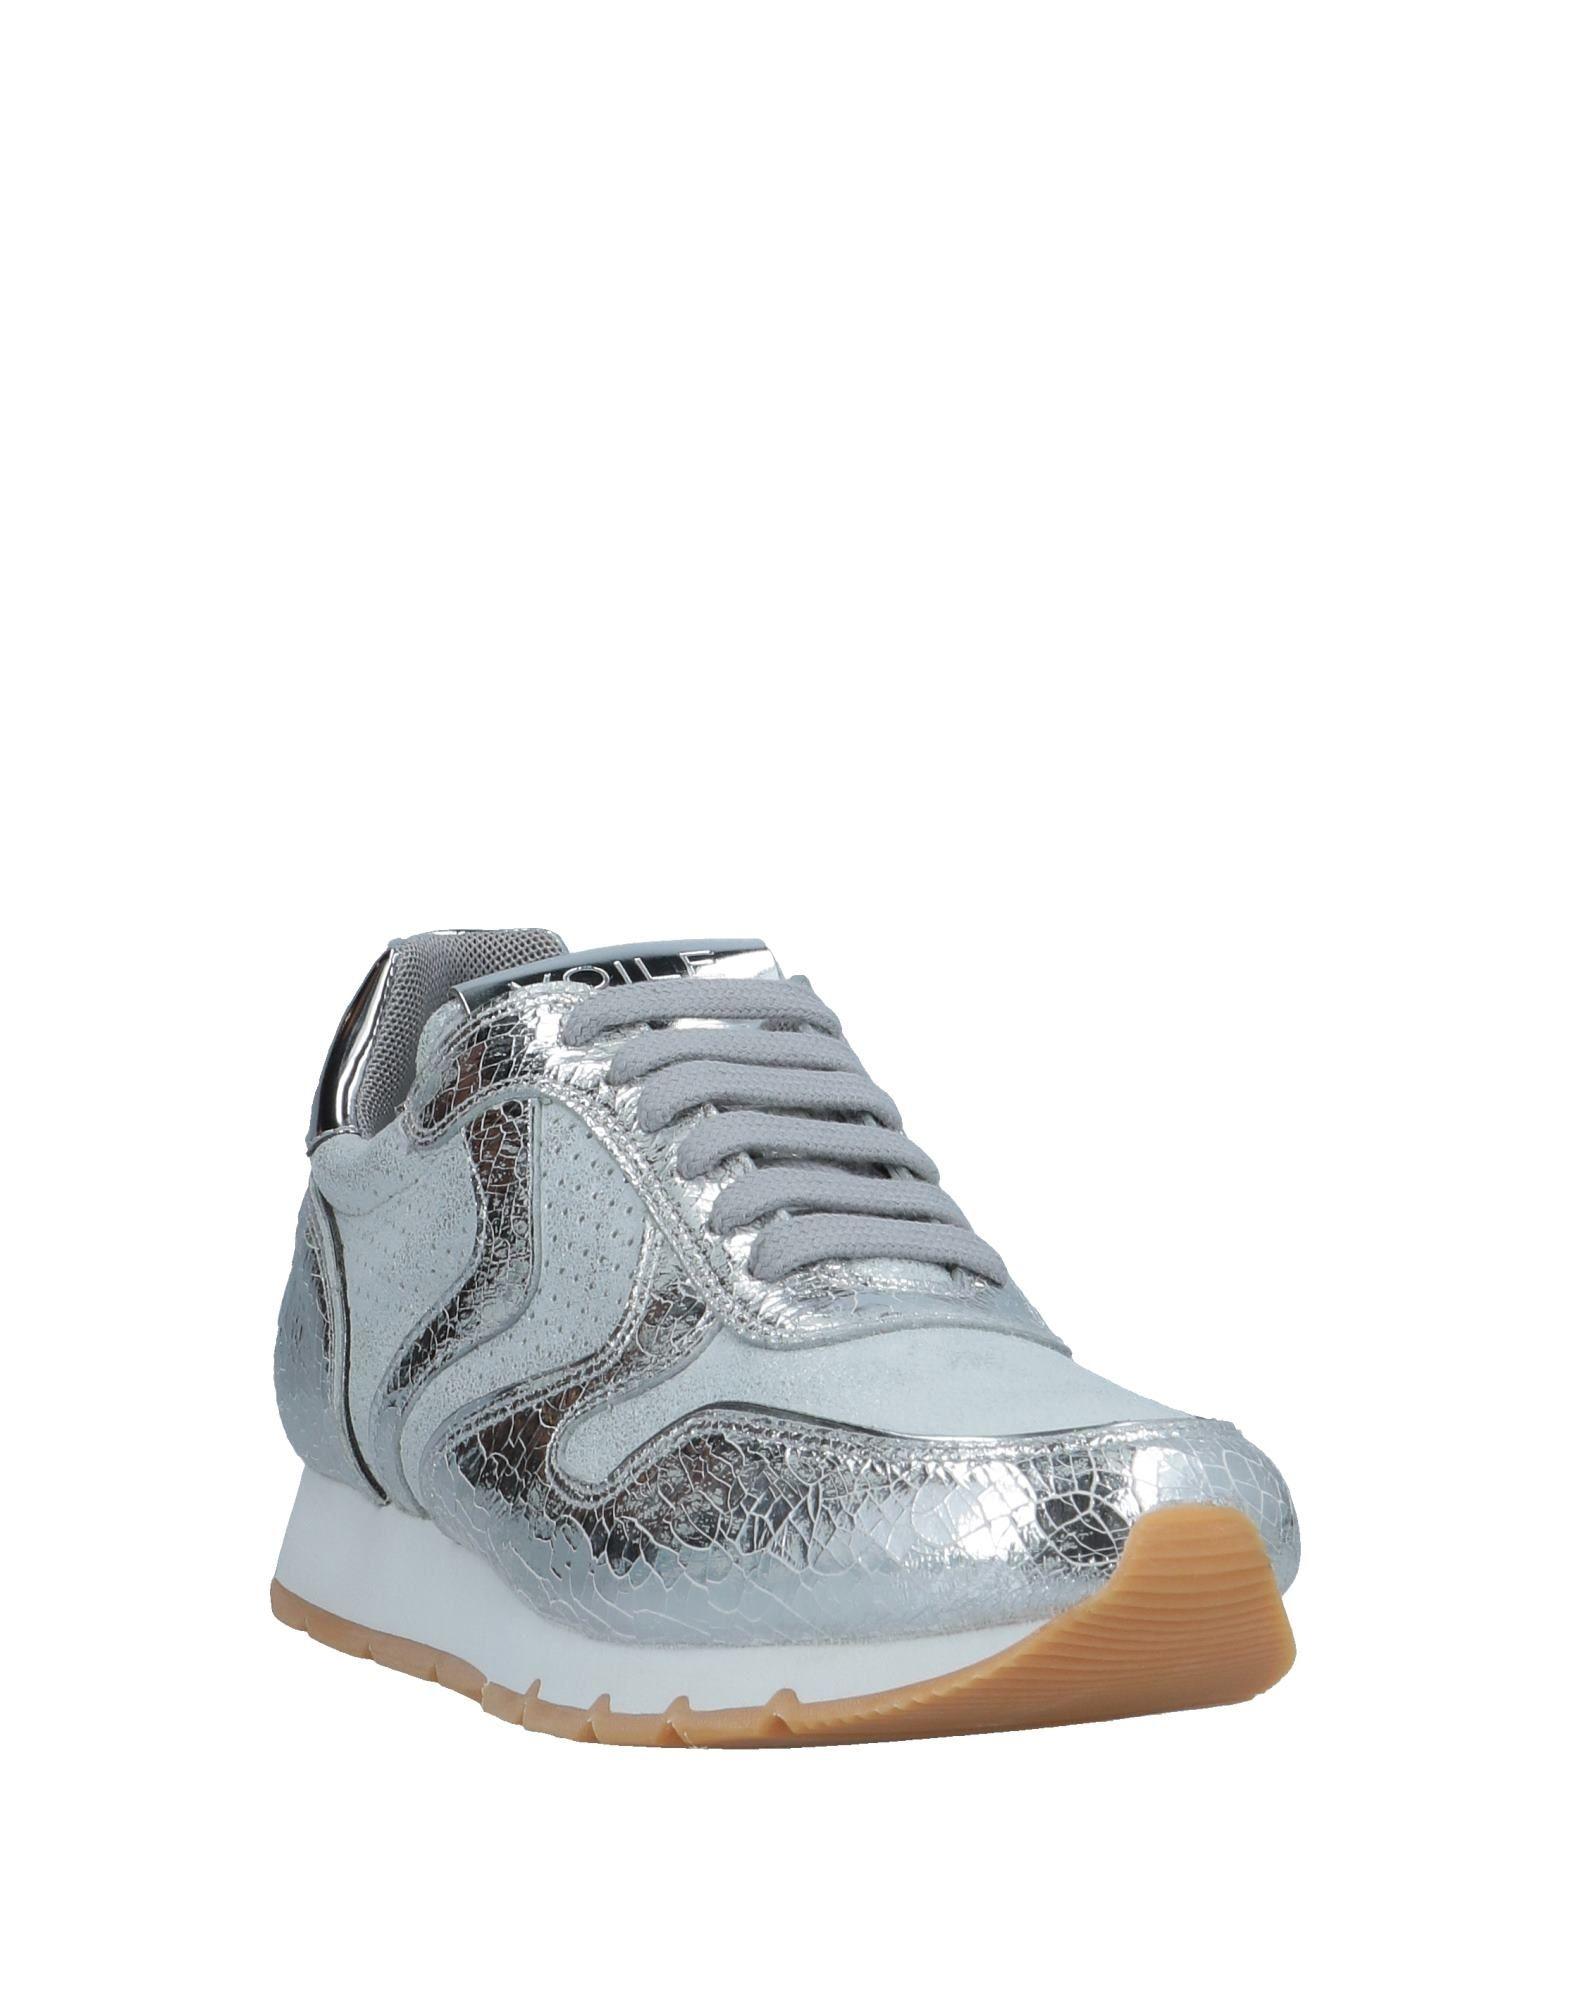 Voile es Blanche Sneakers Damen Gutes Preis-Leistungs-Verhältnis, es Voile lohnt sich 3a8be0